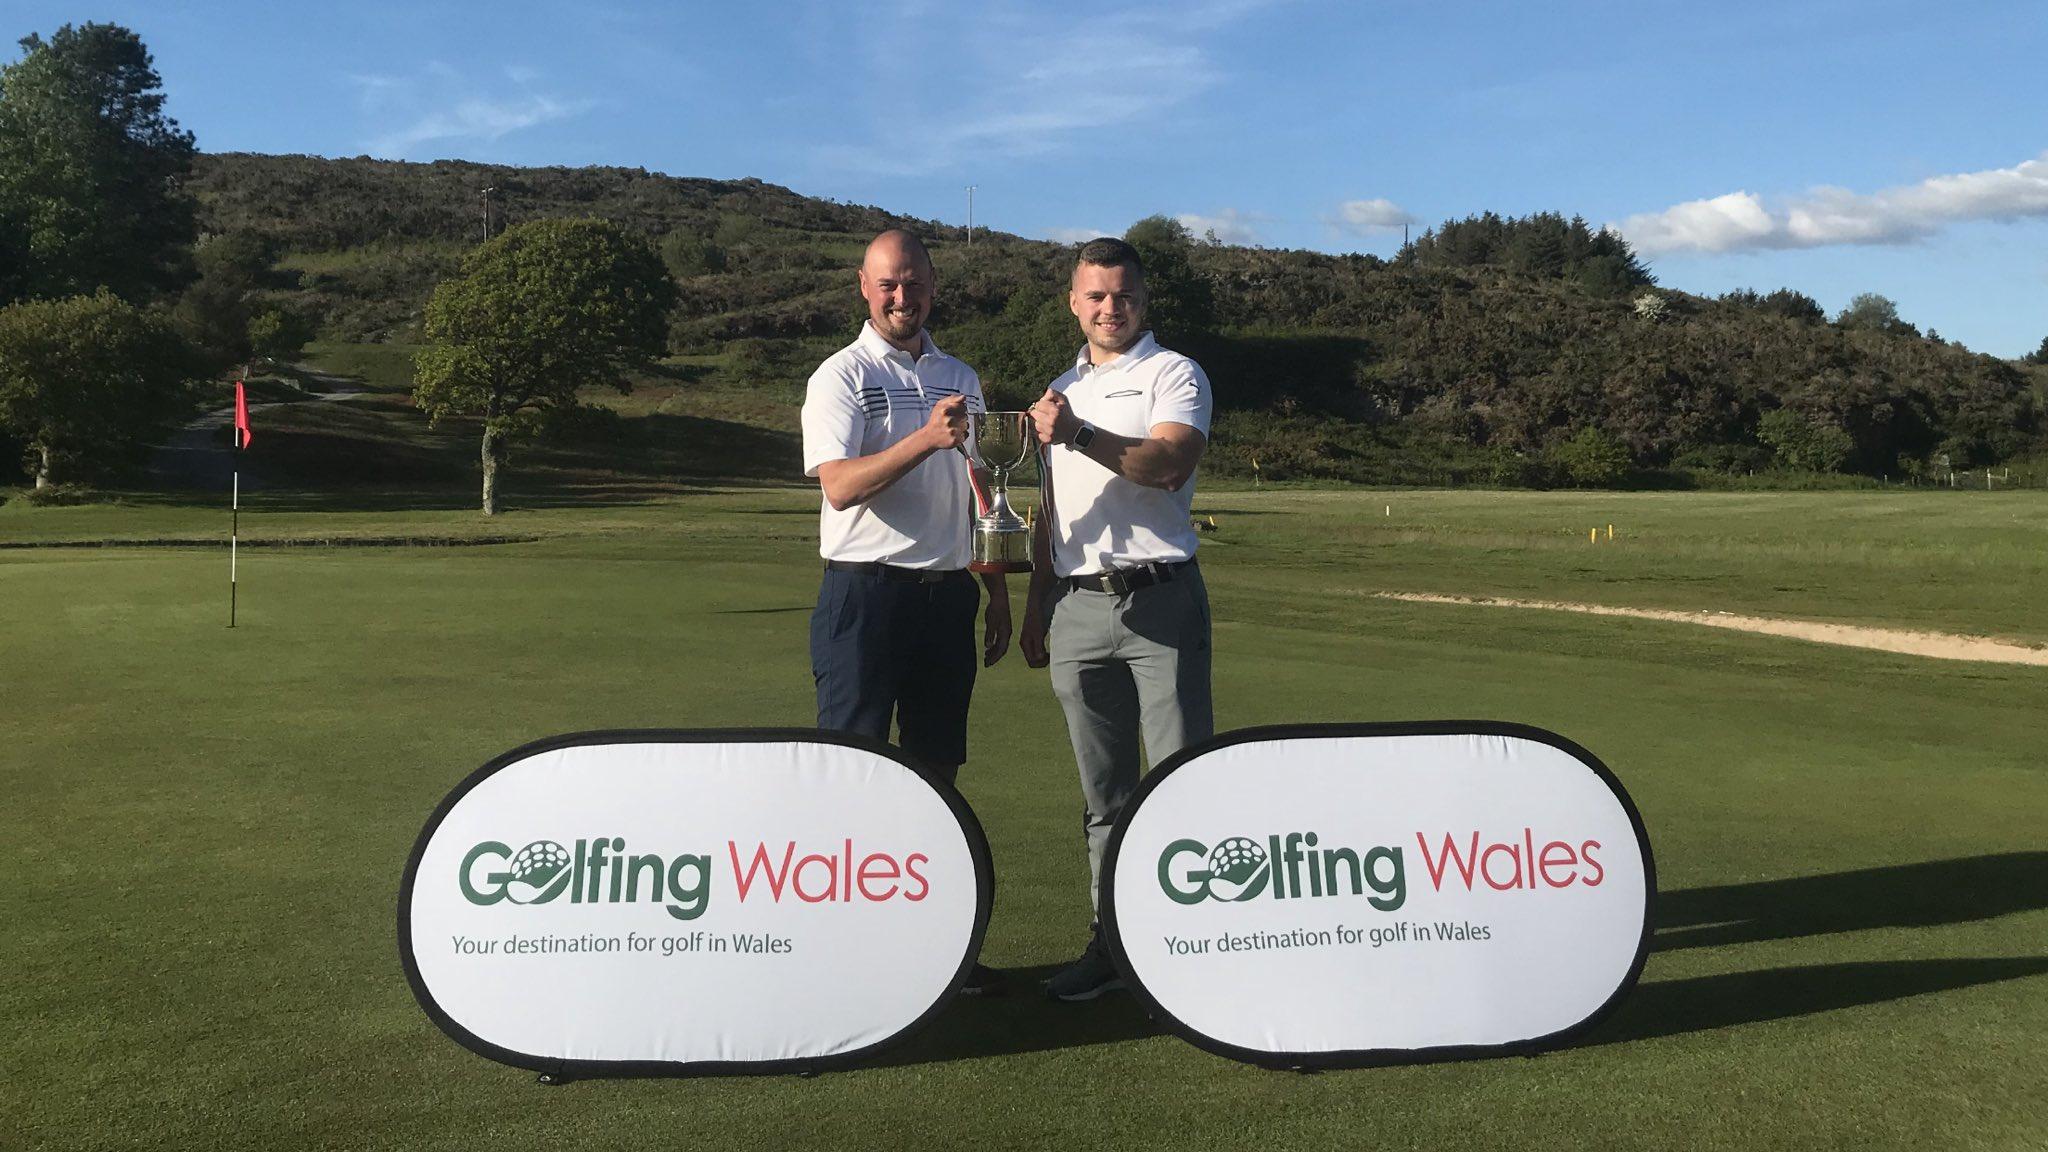 Elfyn Griffiths & Gareth Lloyd Williams win the 2019 Golfing Wales Challenge Cup